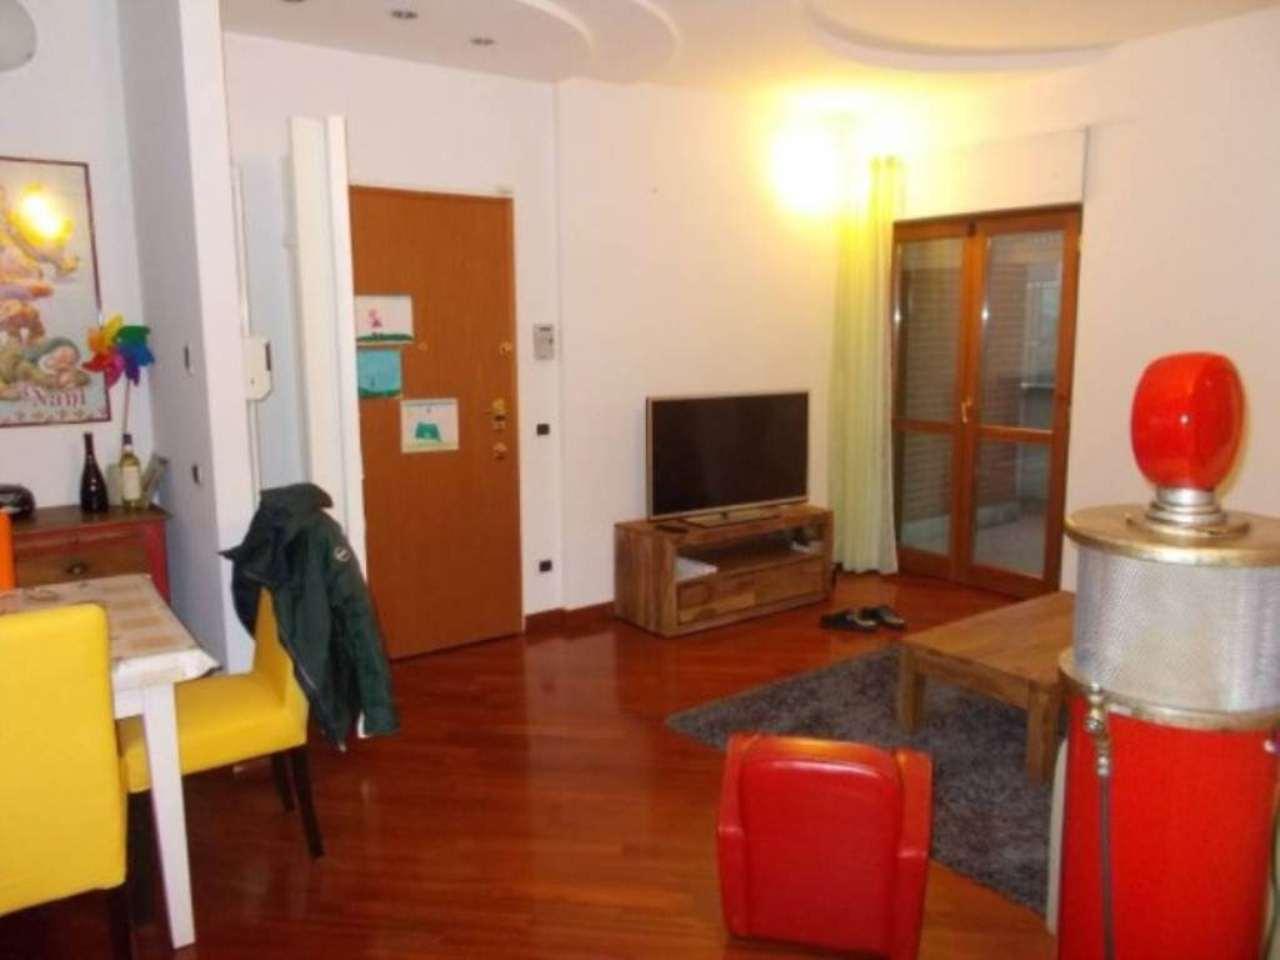 Attico / Mansarda in vendita a Arluno, 3 locali, prezzo € 224.000 | Cambio Casa.it